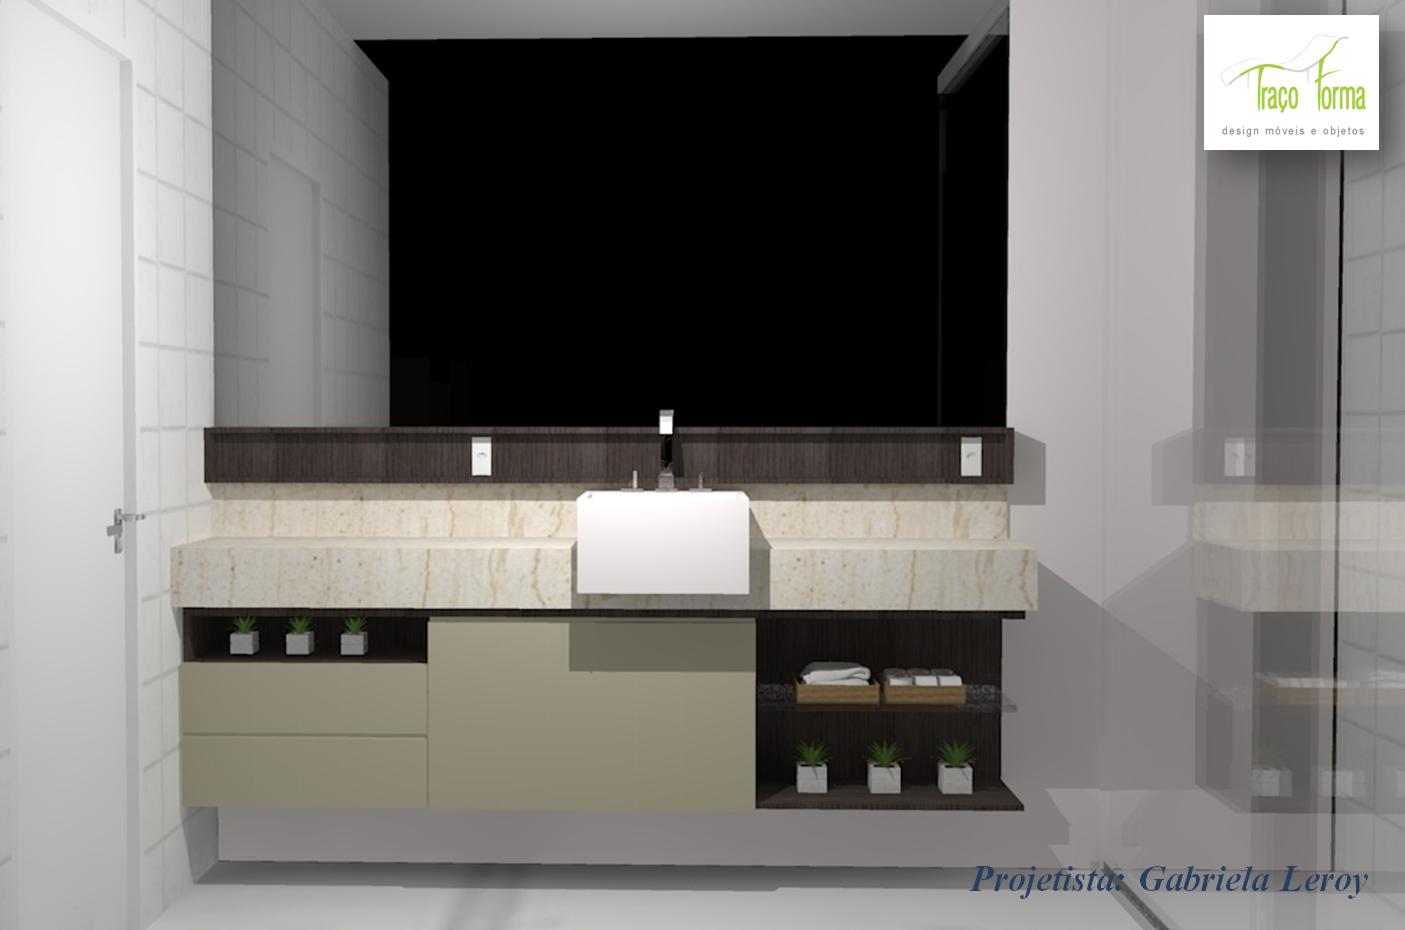 Gabriela Leroy Designer de Interiores: Projetos (Armario Banheiro). #3C4E65 1405x930 Armario Banheiro Projeto